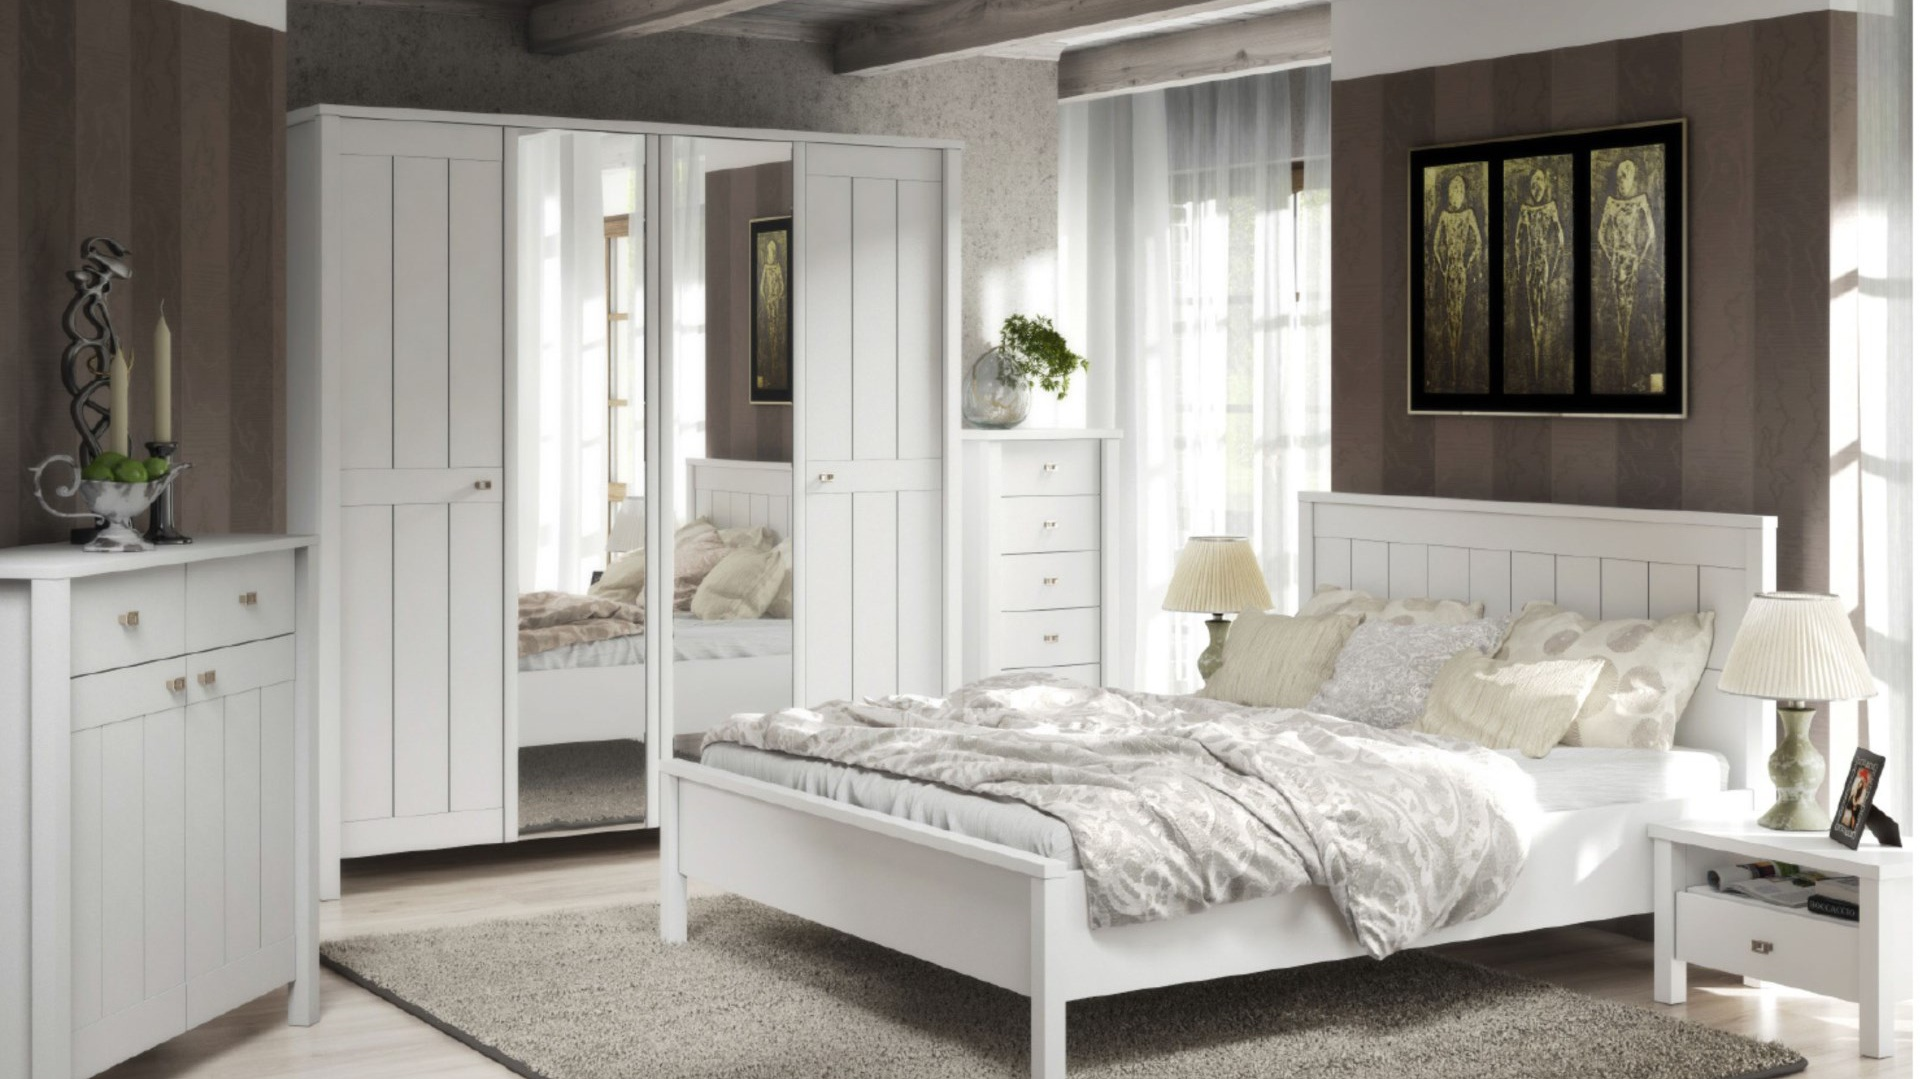 Sypialnia Village to meble utrzymane w białej kolorystyce. Fot. FM Bravo.